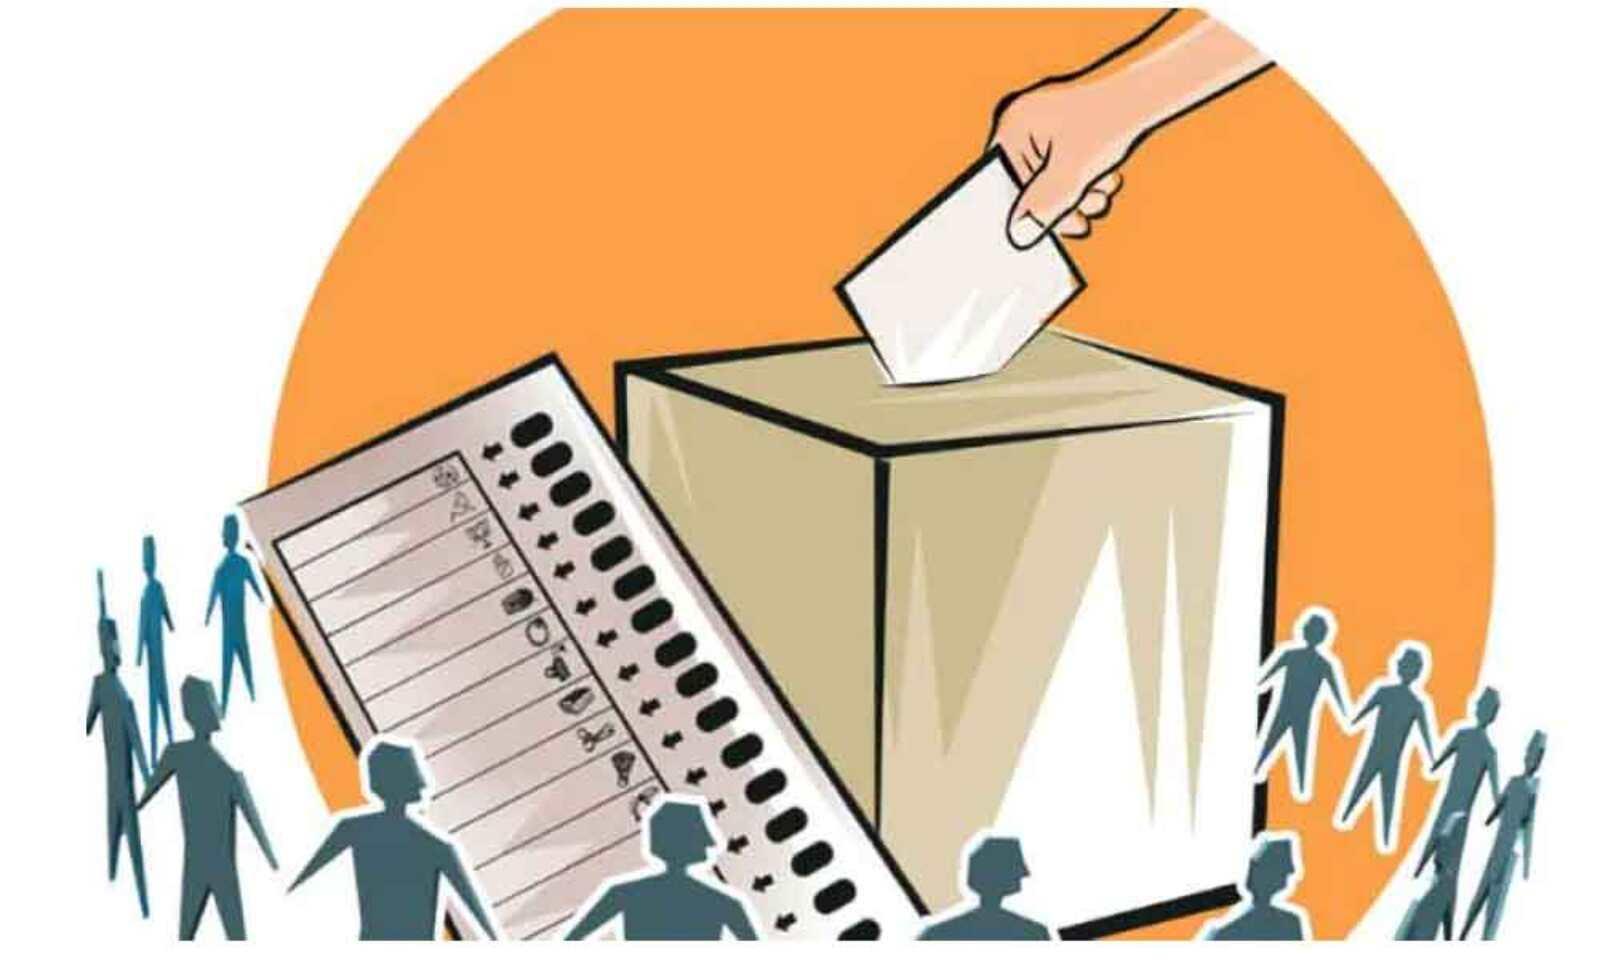 تلنگانہ:حضورآباد اسمبلی حلقہ کا ضمنی انتخاب 30اکتوبر کوہوگا